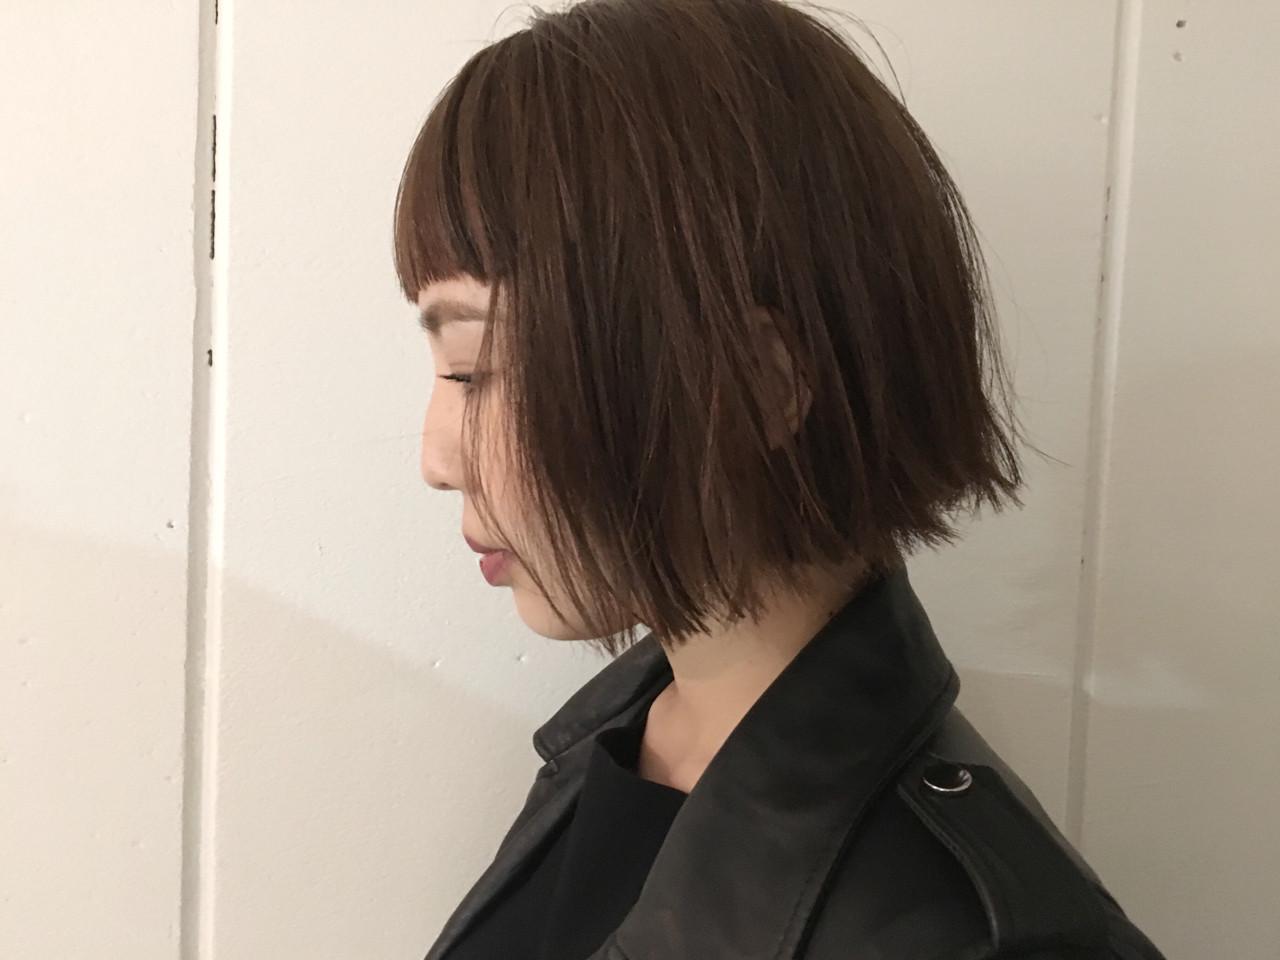 モード ボブ 切りっぱなし アッシュ ヘアスタイルや髪型の写真・画像